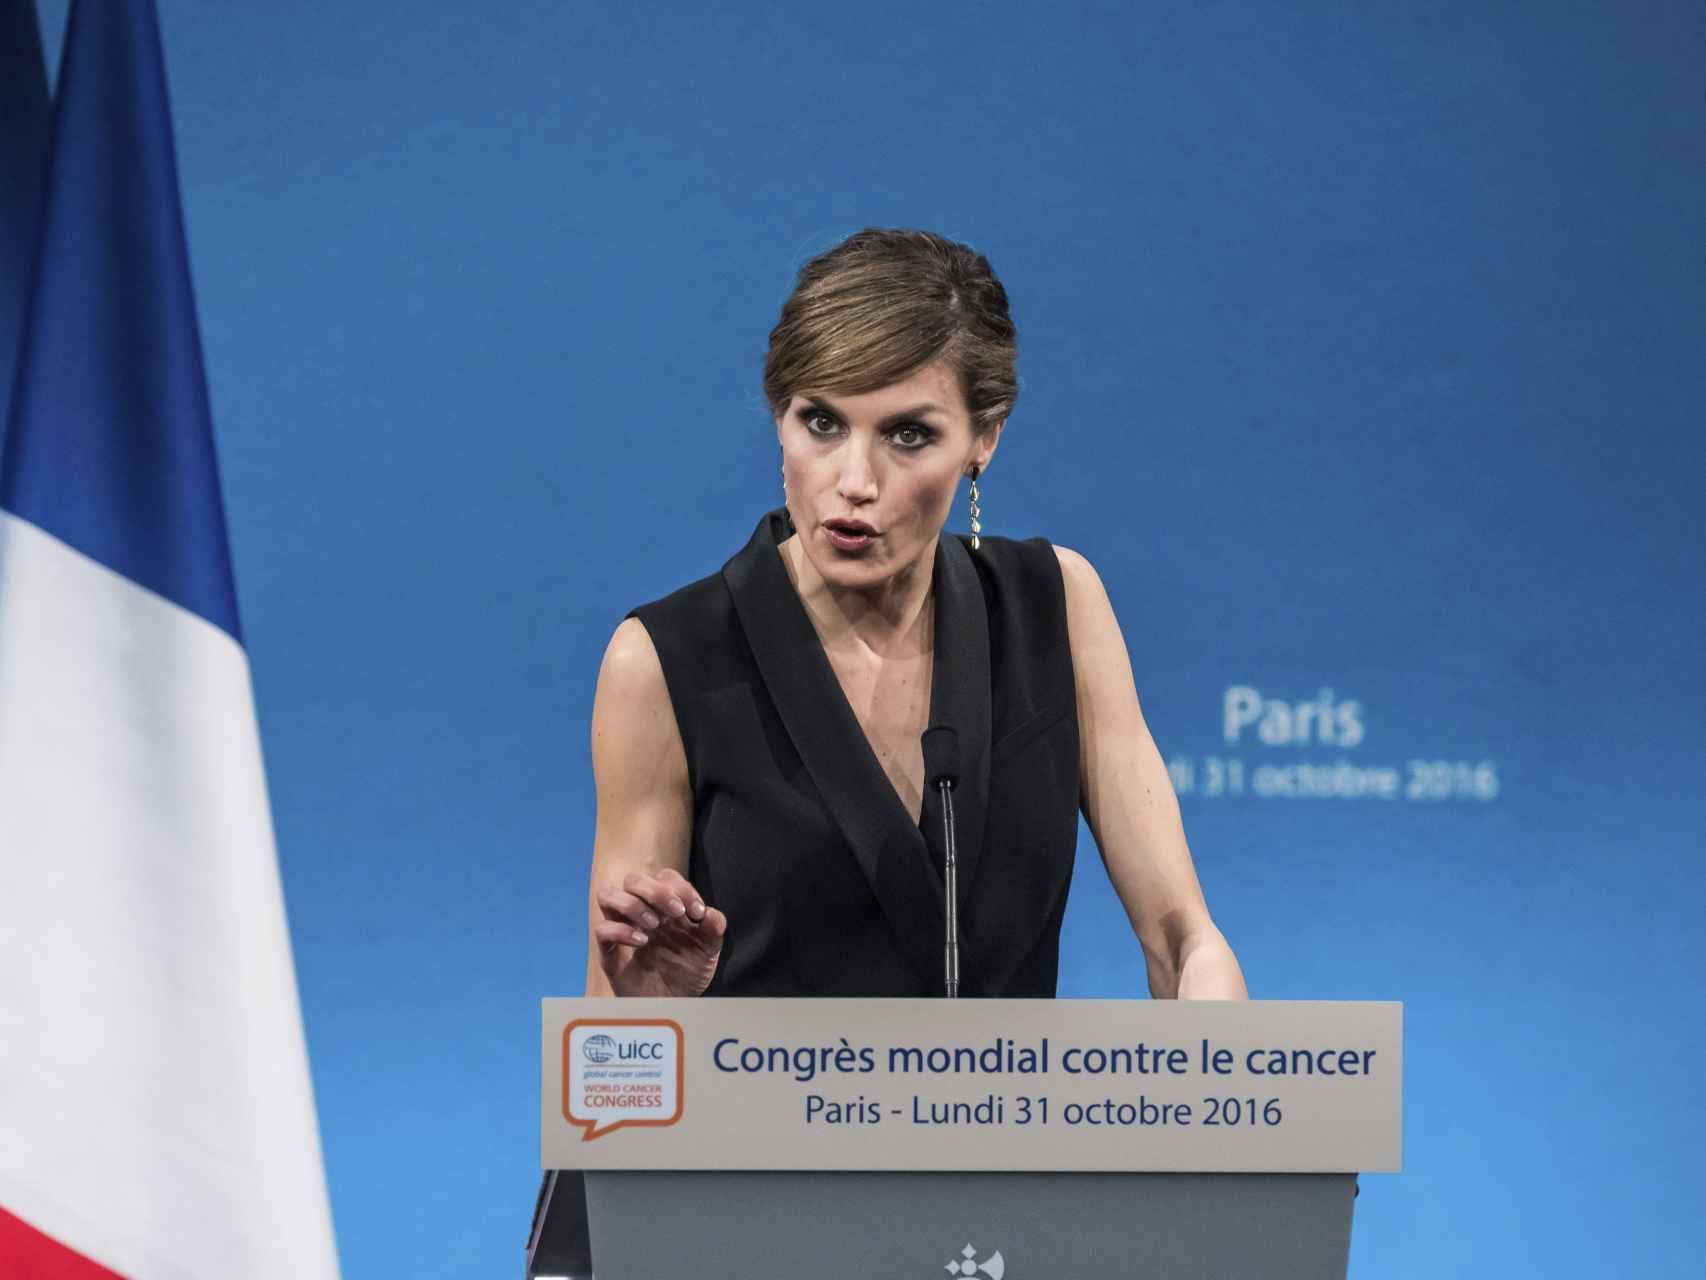 La reina Letizia pronuncia su discurso el pasado lunes en París.